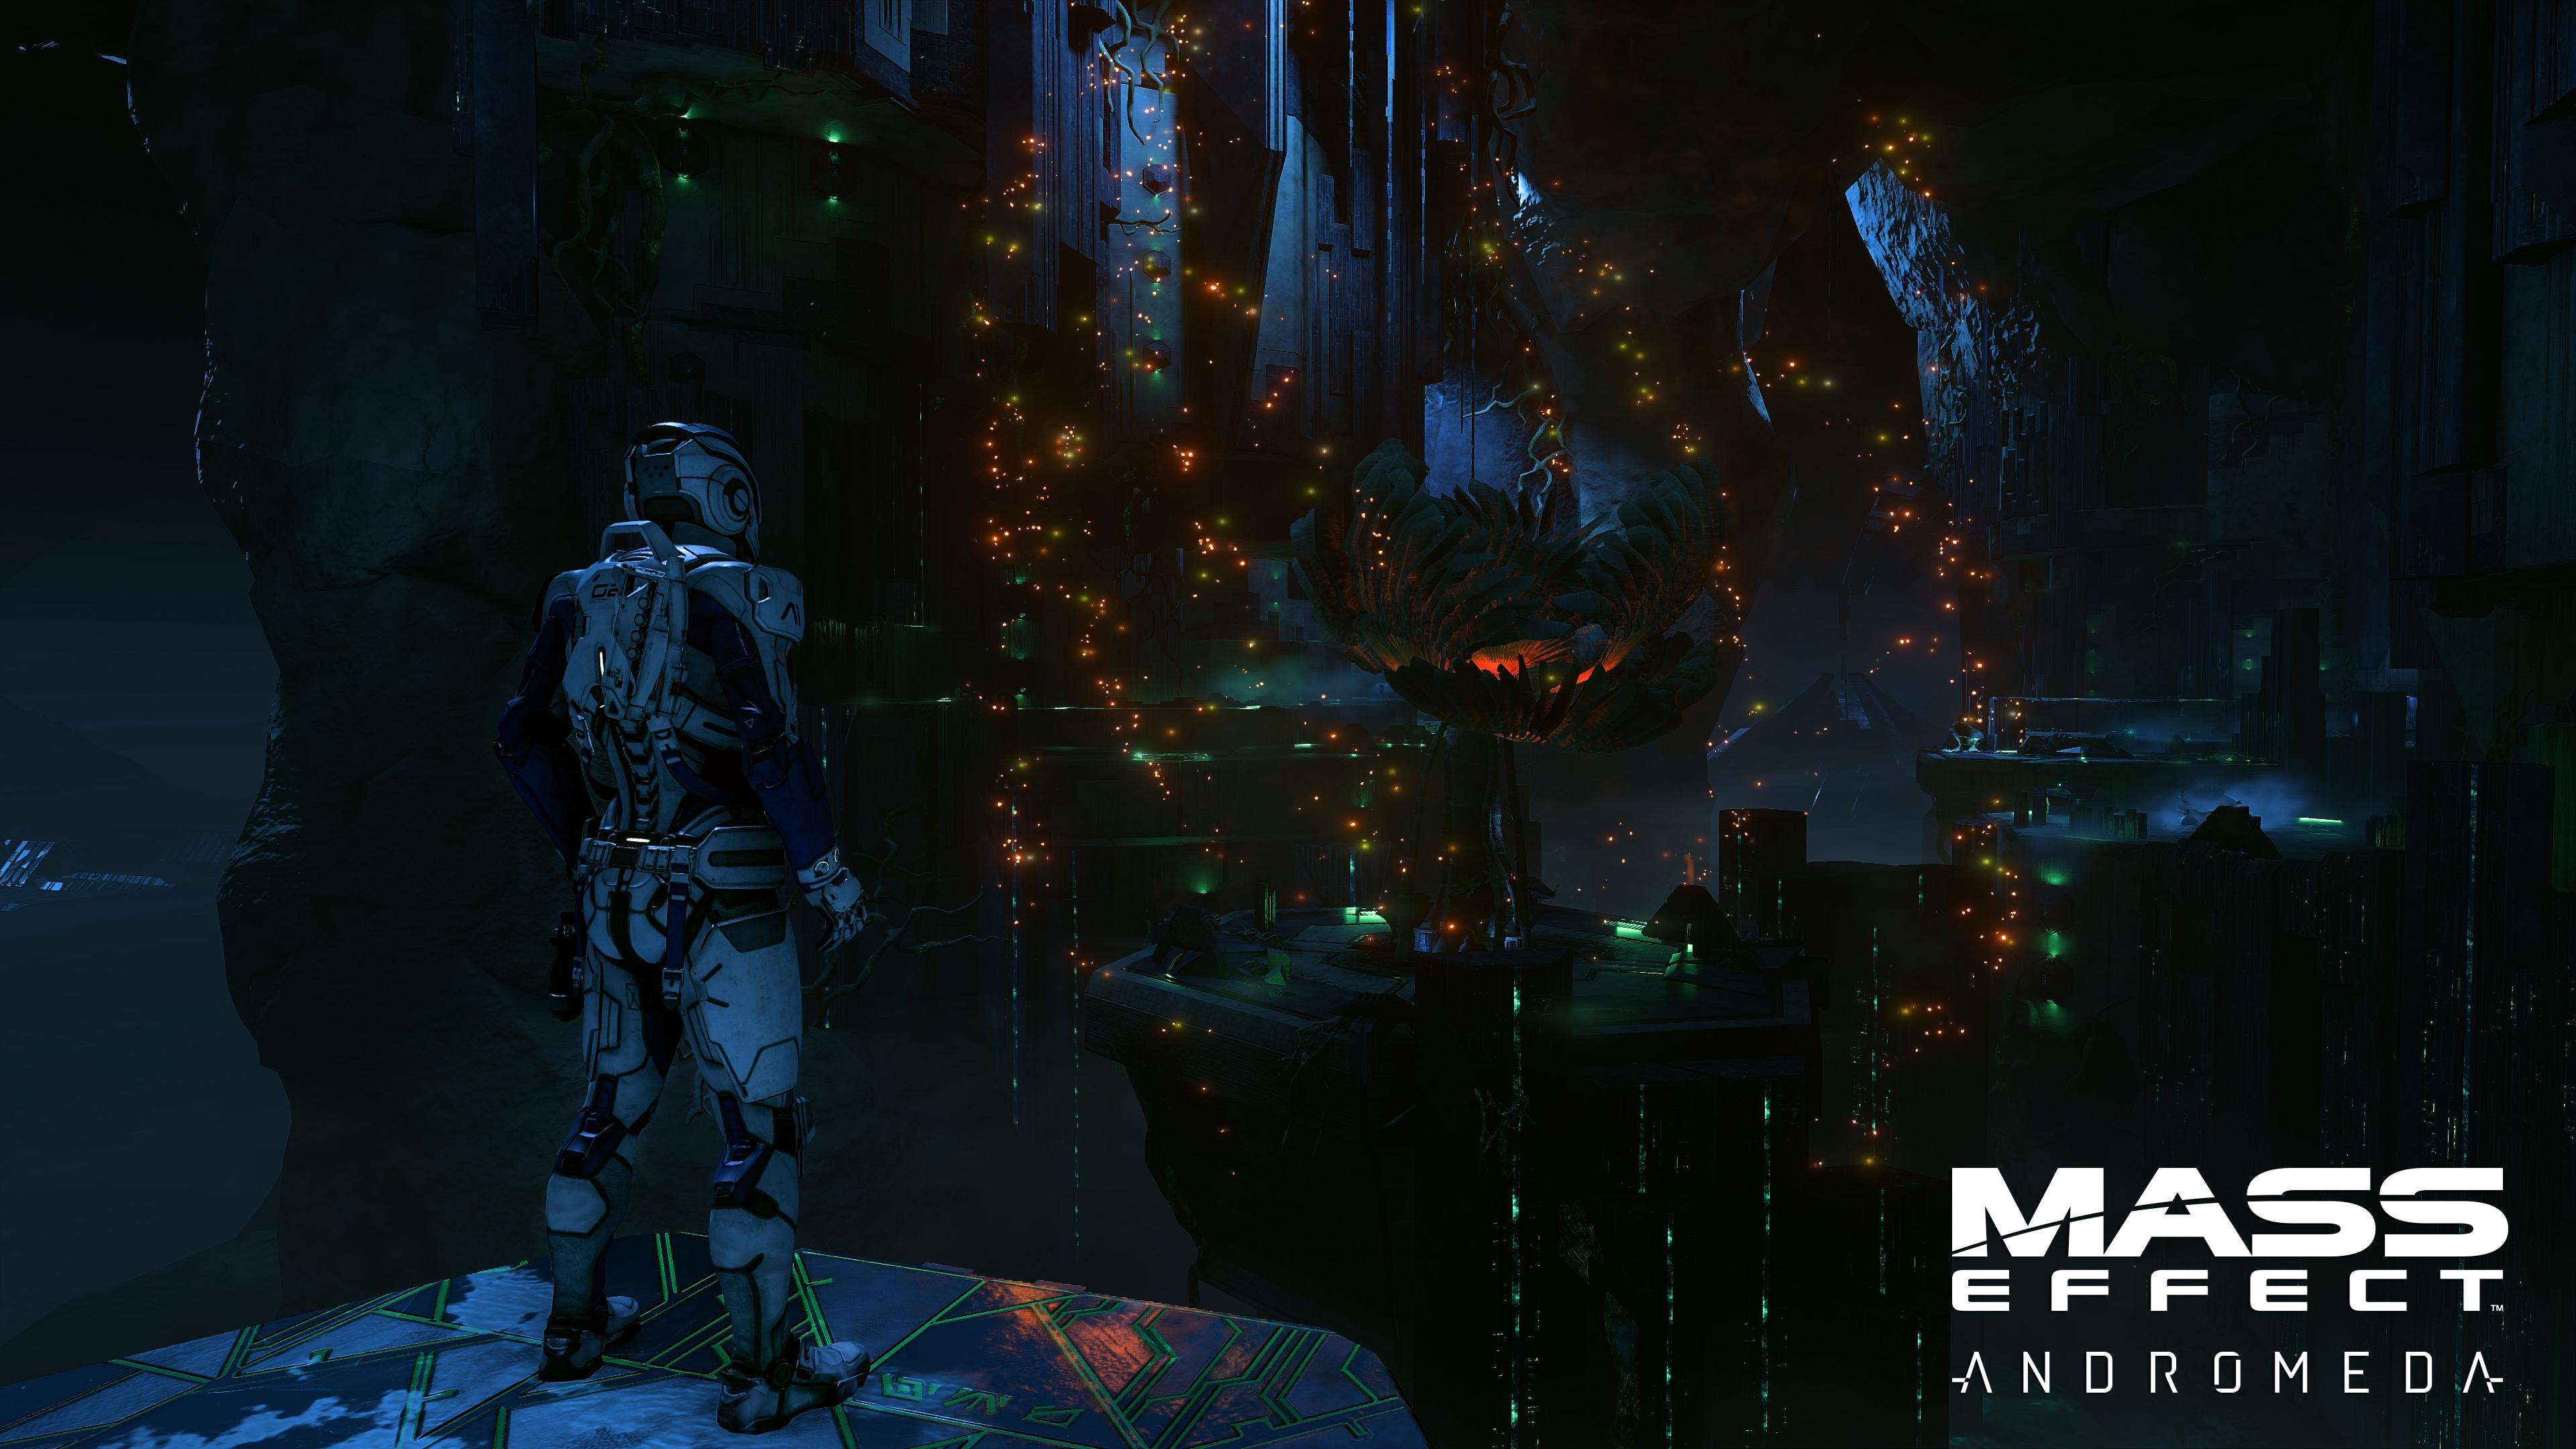 Imágenes De Mass Effect Andromeda En 4k Levelup